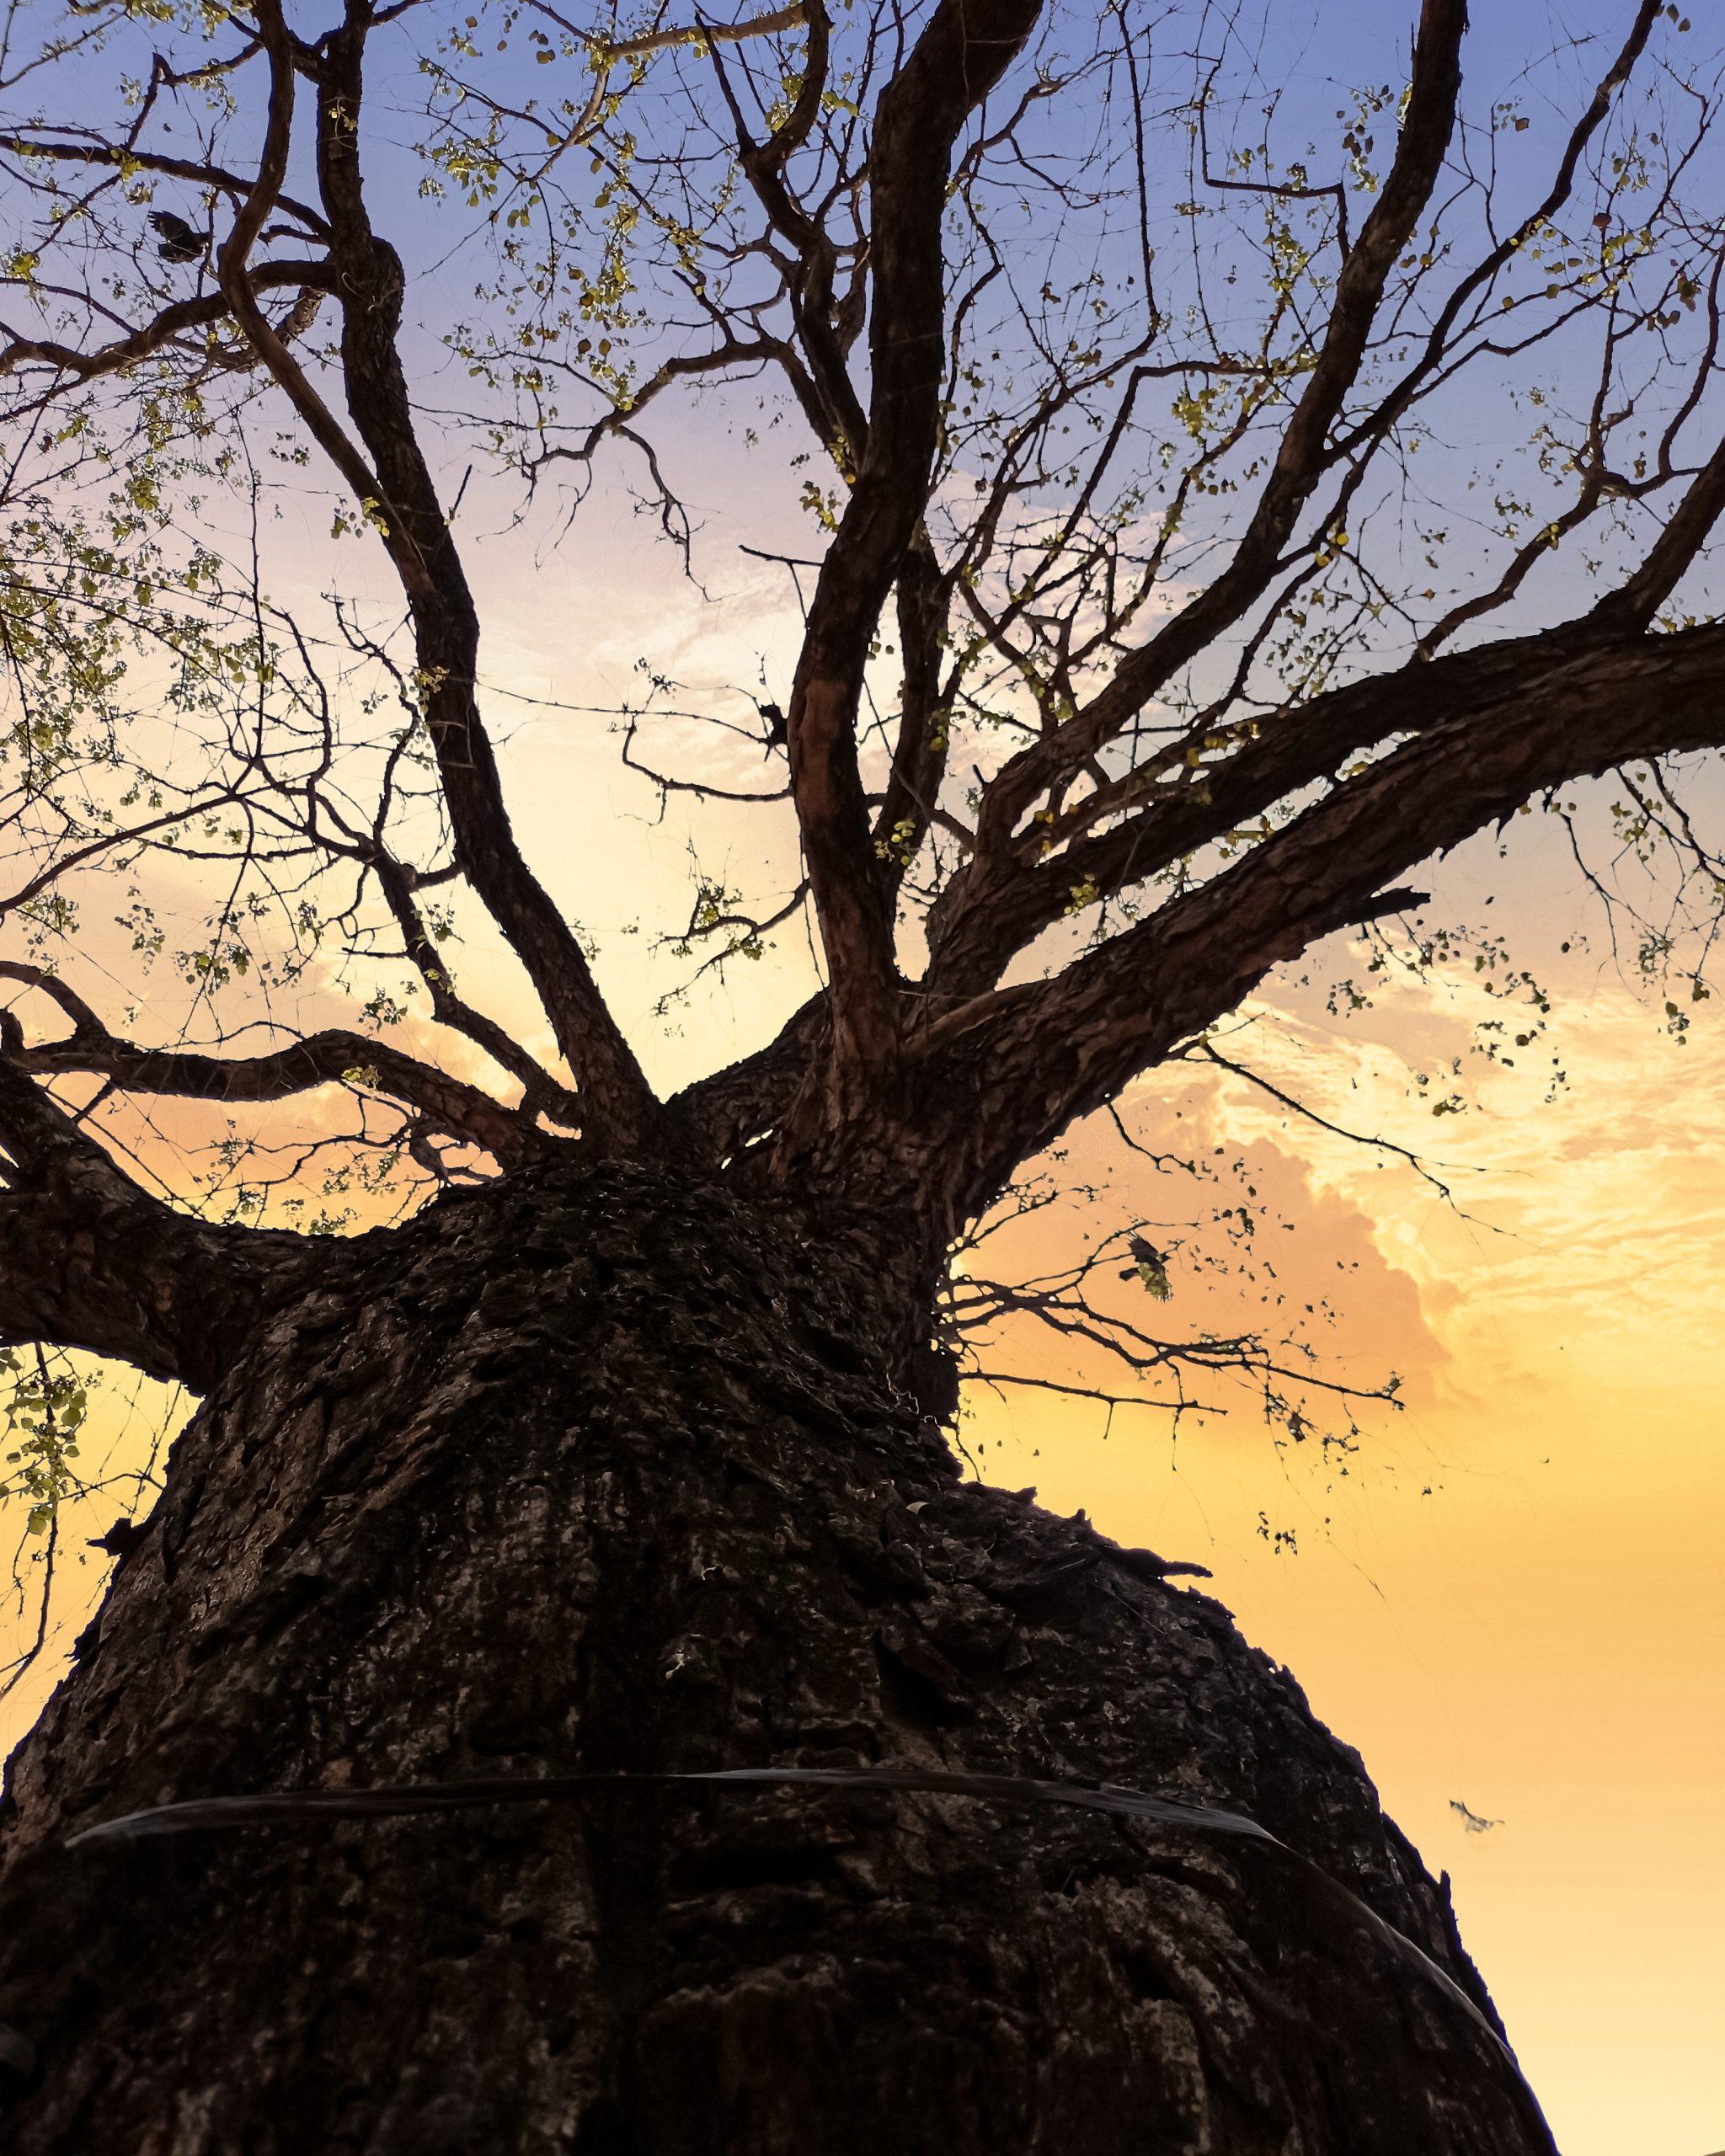 Tree under dynamic sky